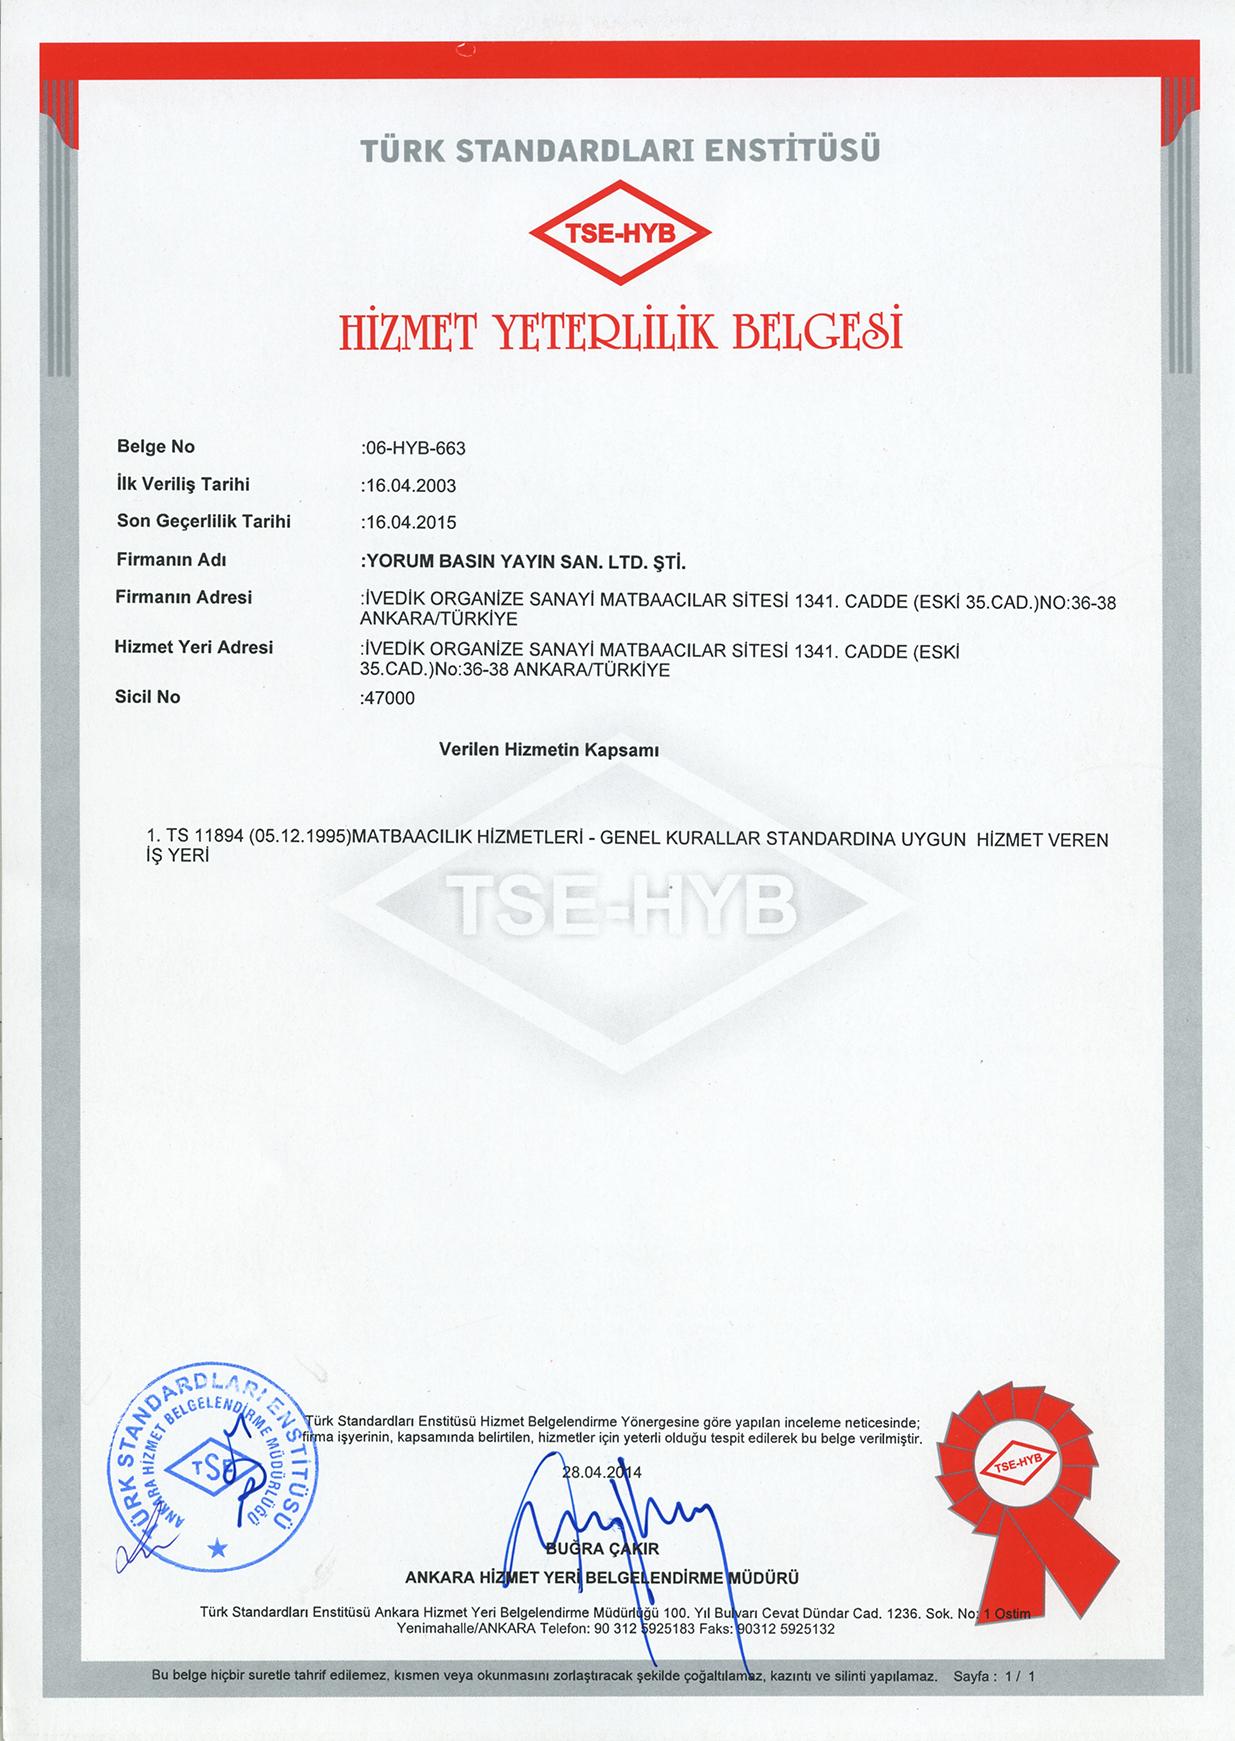 TSE (Türk Standardları Enstitüsü) Hizmet Yeterlilik Belgesi